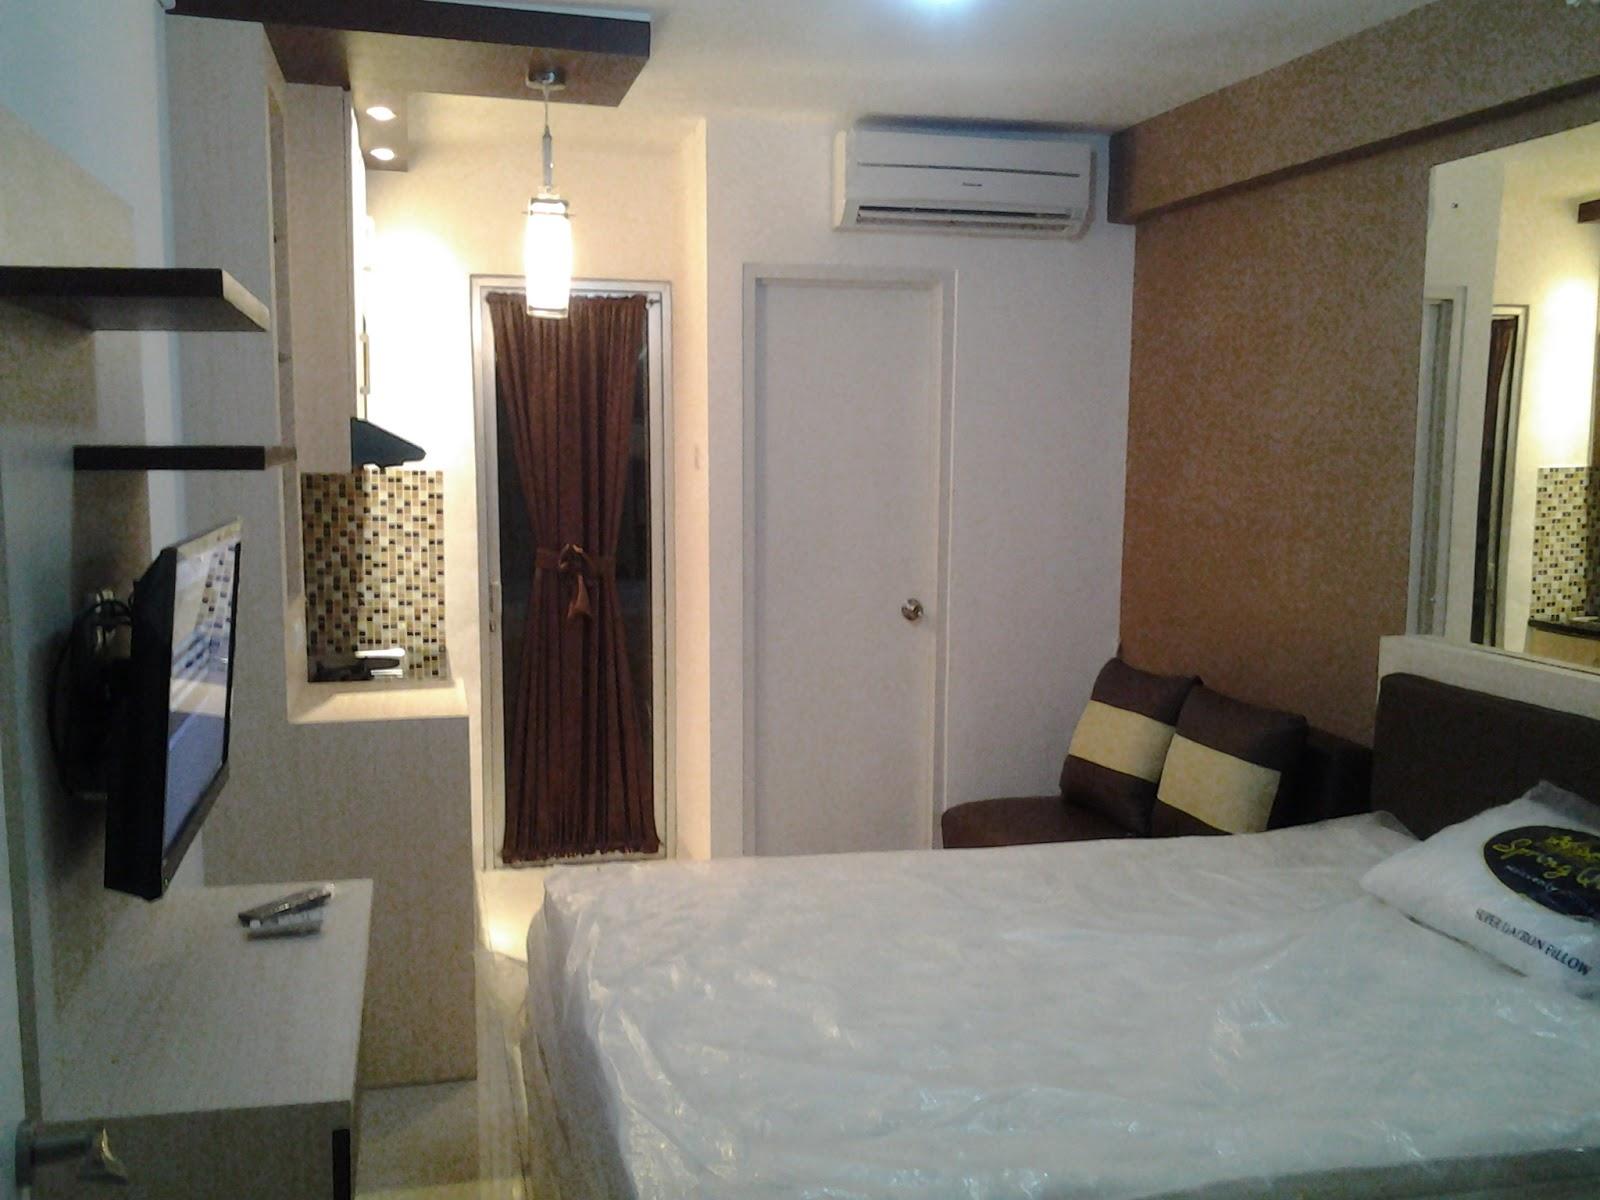 cv tridaya interior foto interior apartemen desain